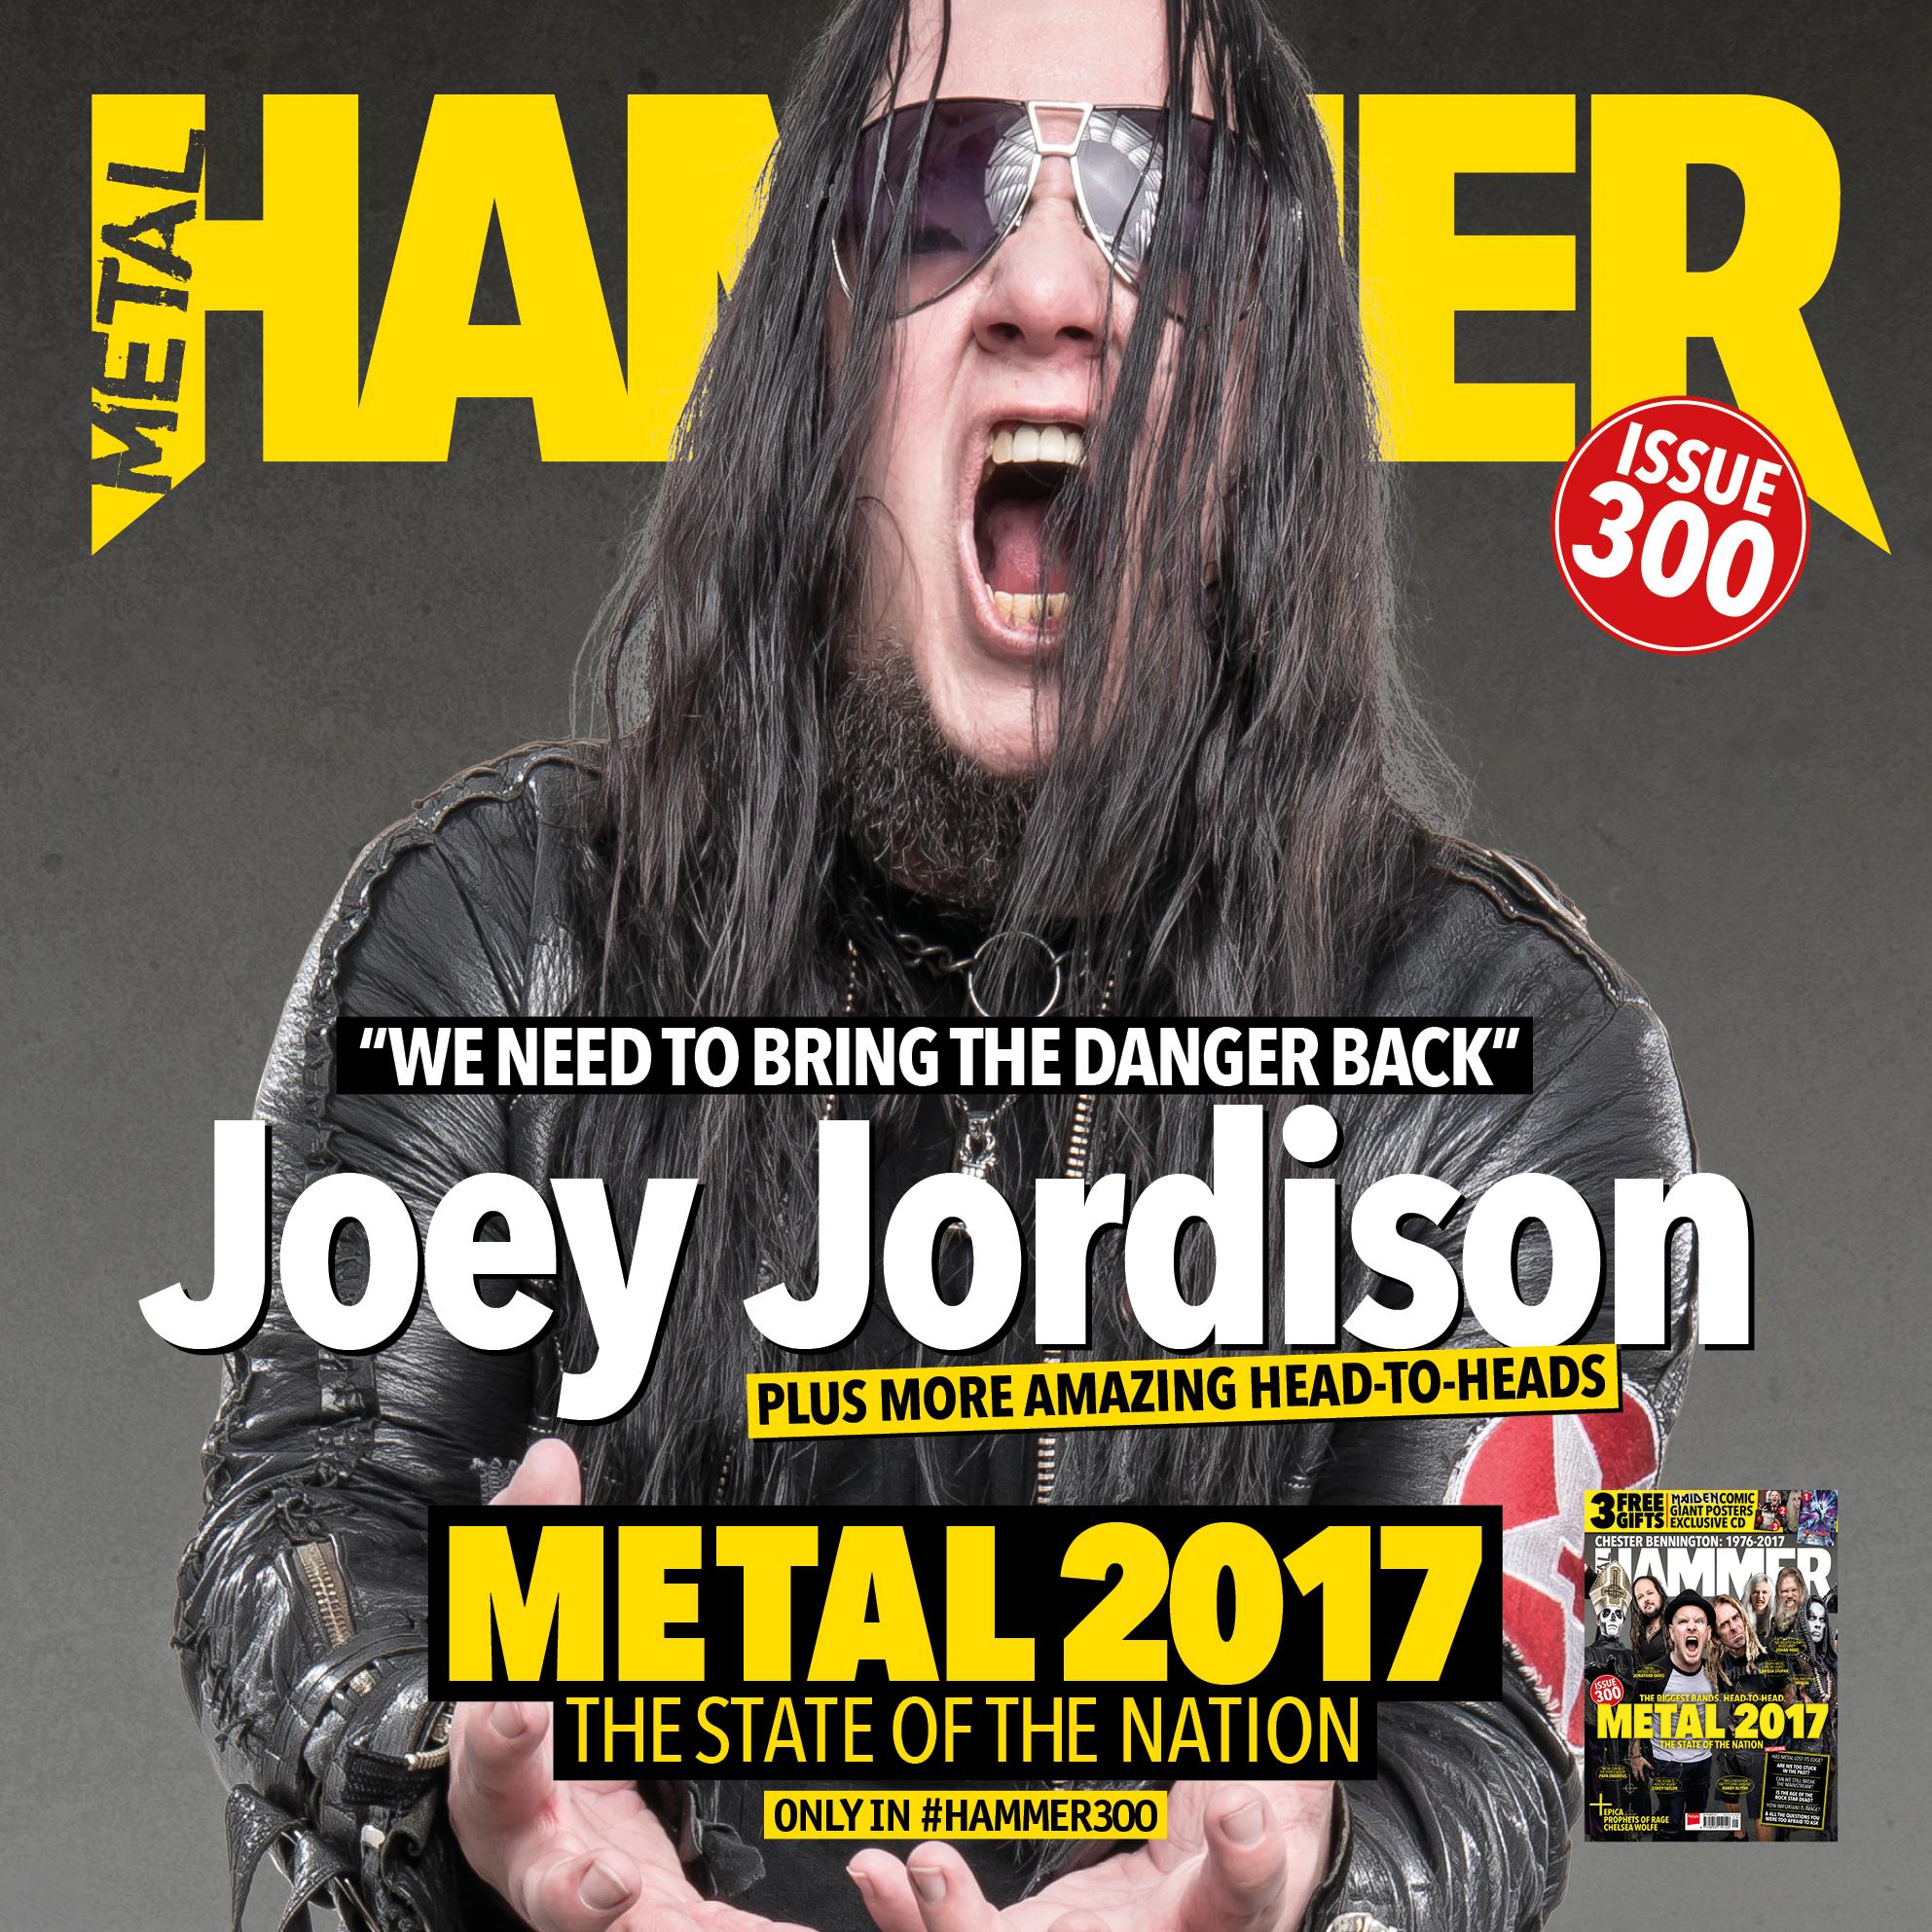 Joey-Jordison-Metal-Hammer.jpg